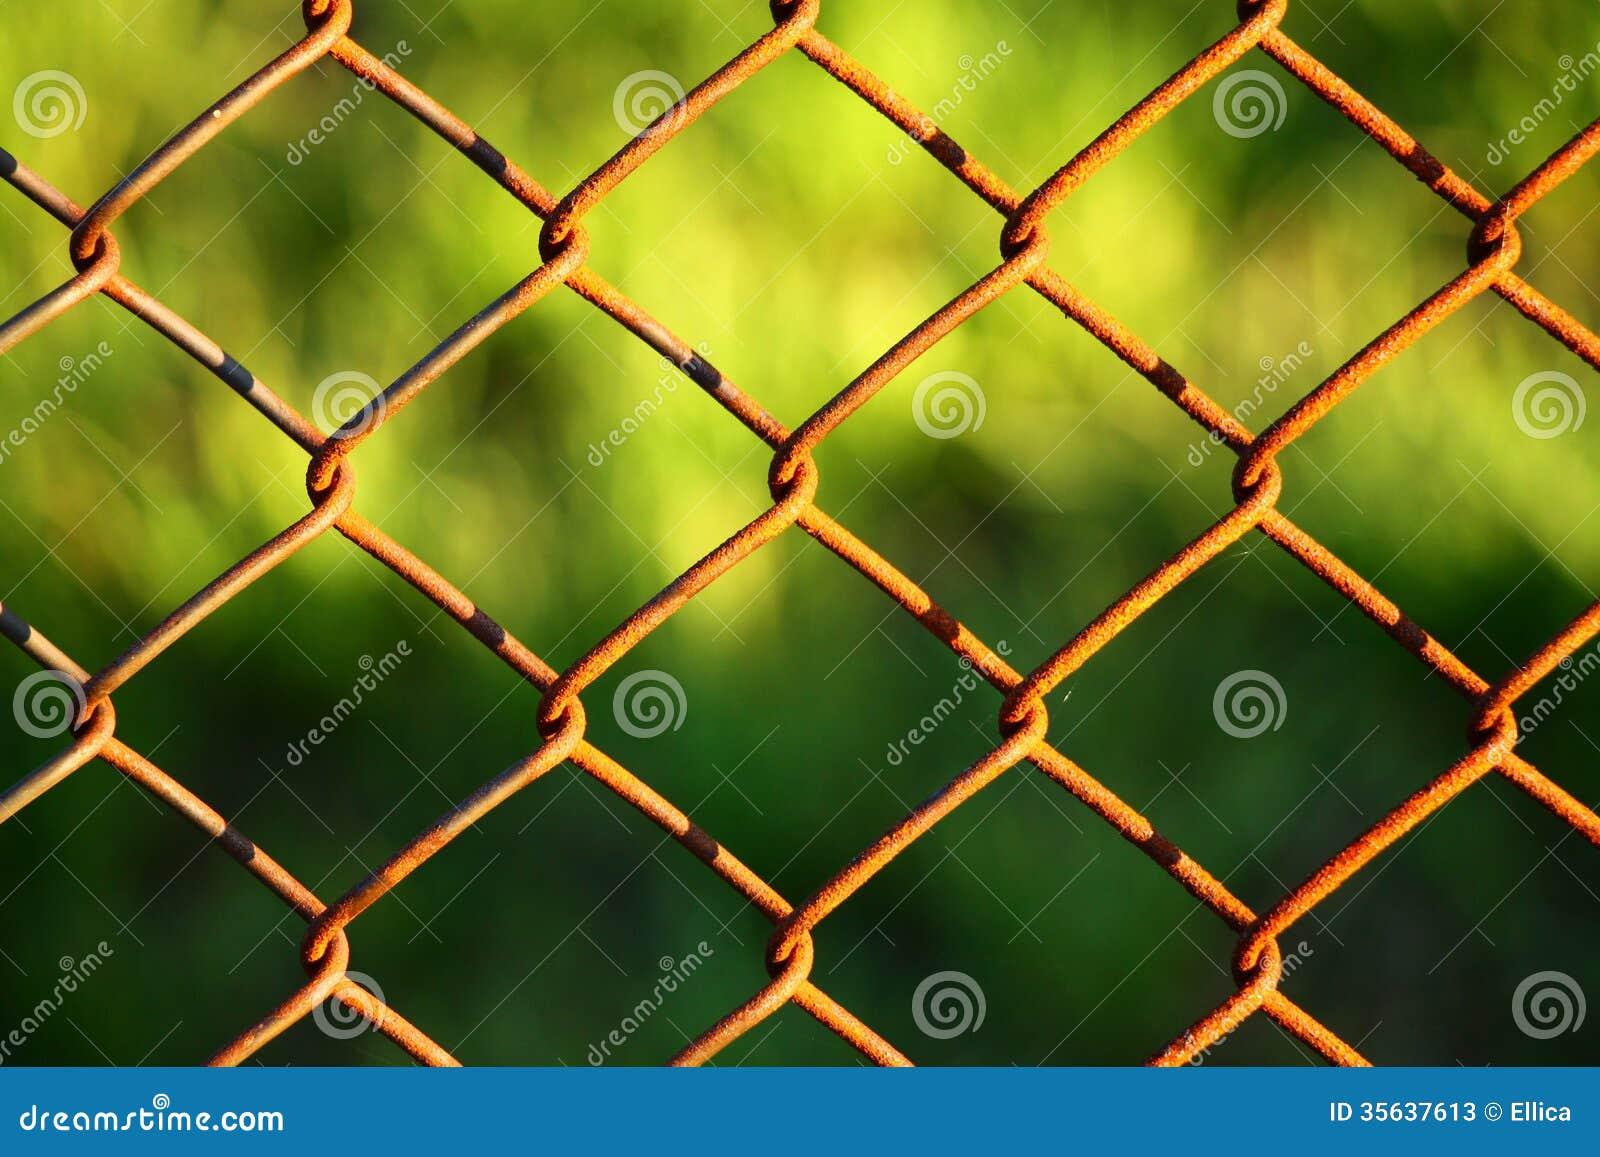 Drahtzaun Mit Grün Im Hintergrund Stockfotos Bild